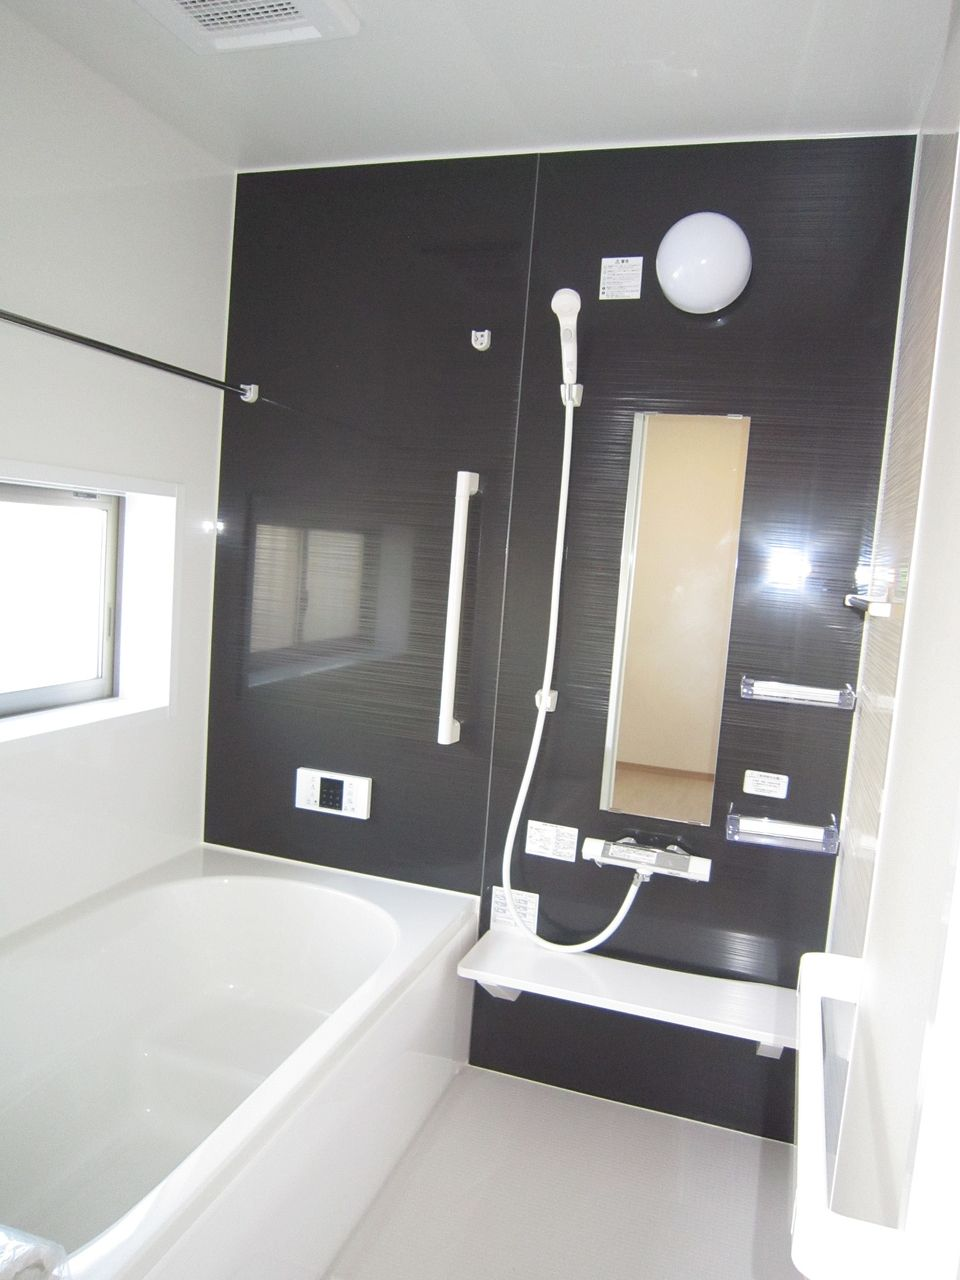 シンプルな配色のお風呂は浴室乾燥機付きで床も冷たさを感じない最新設備。